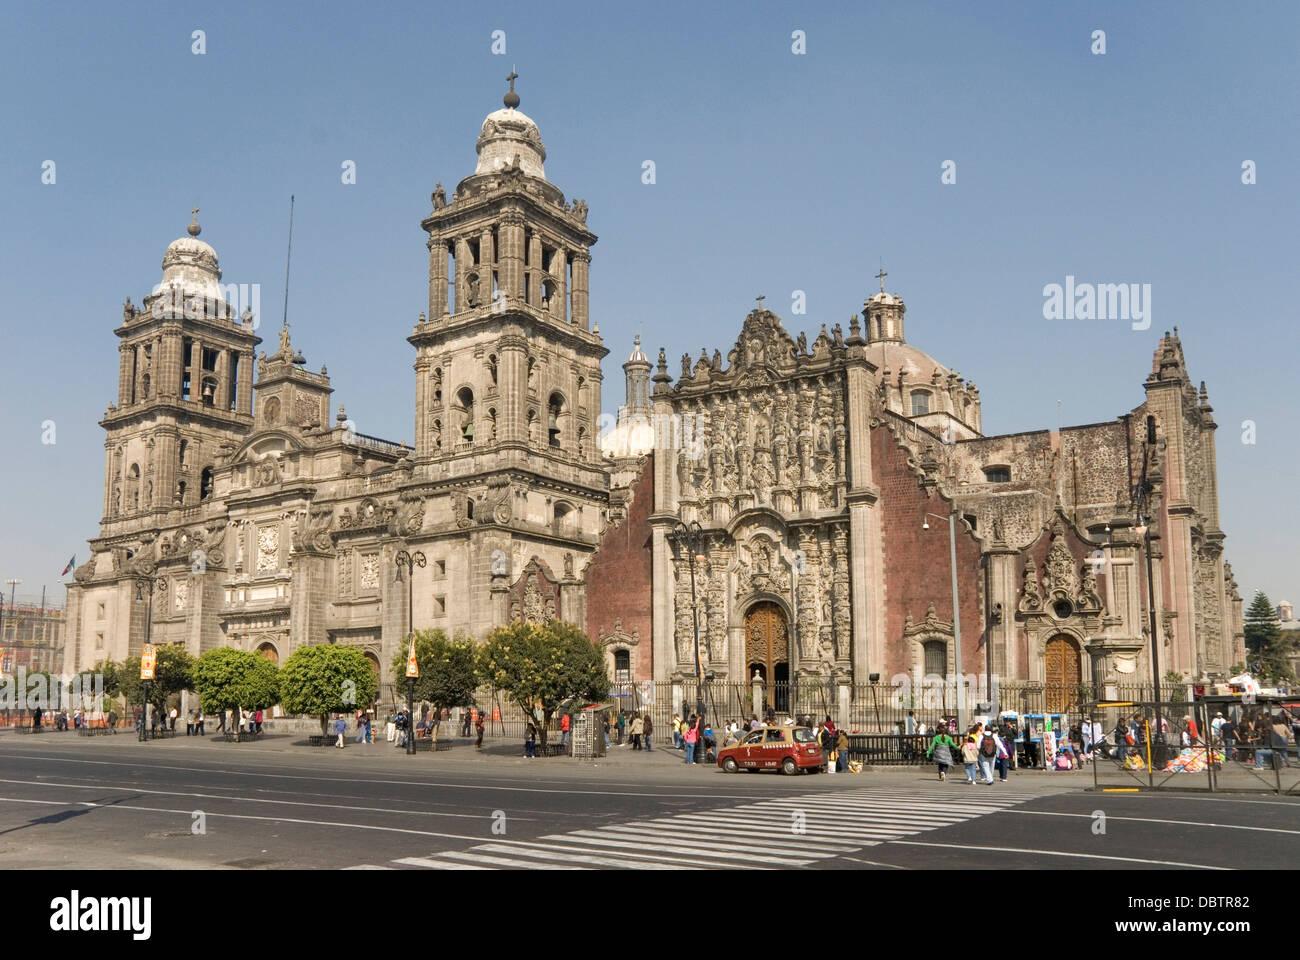 Catedral Metropolitana, Zocalo (Plaza de la Constitucion), Mexico City, Mexico, North America - Stock Image